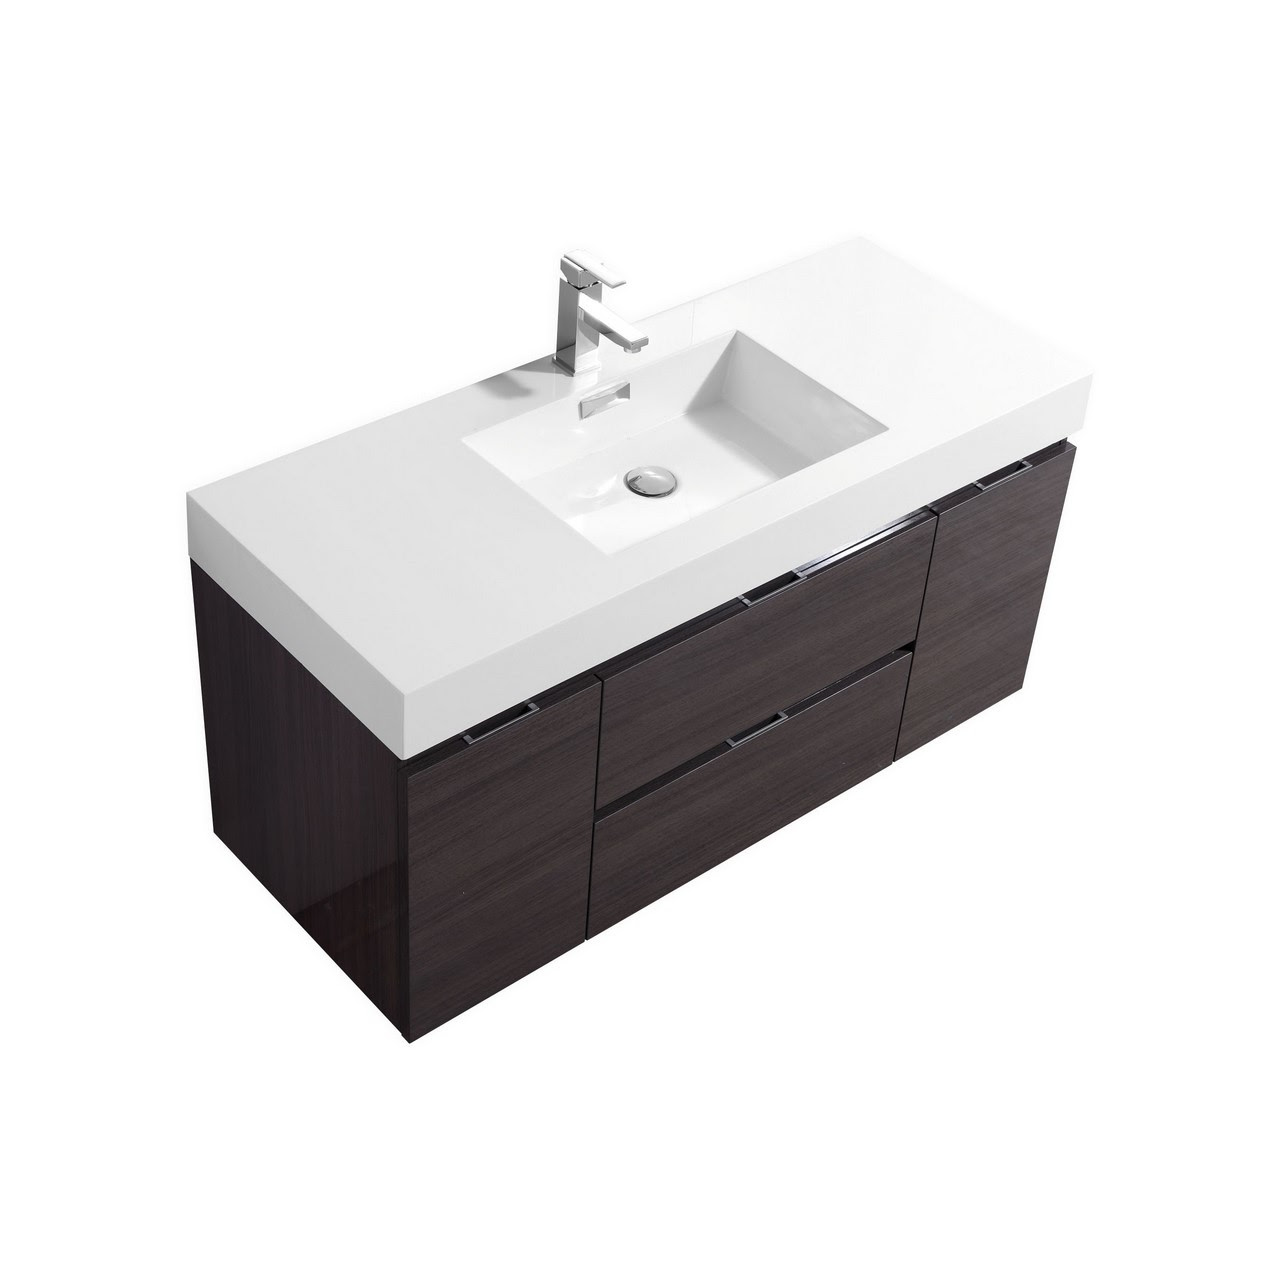 Bliss 48 High Gloss Gray Oak Wall Mount Single Sink Vanity